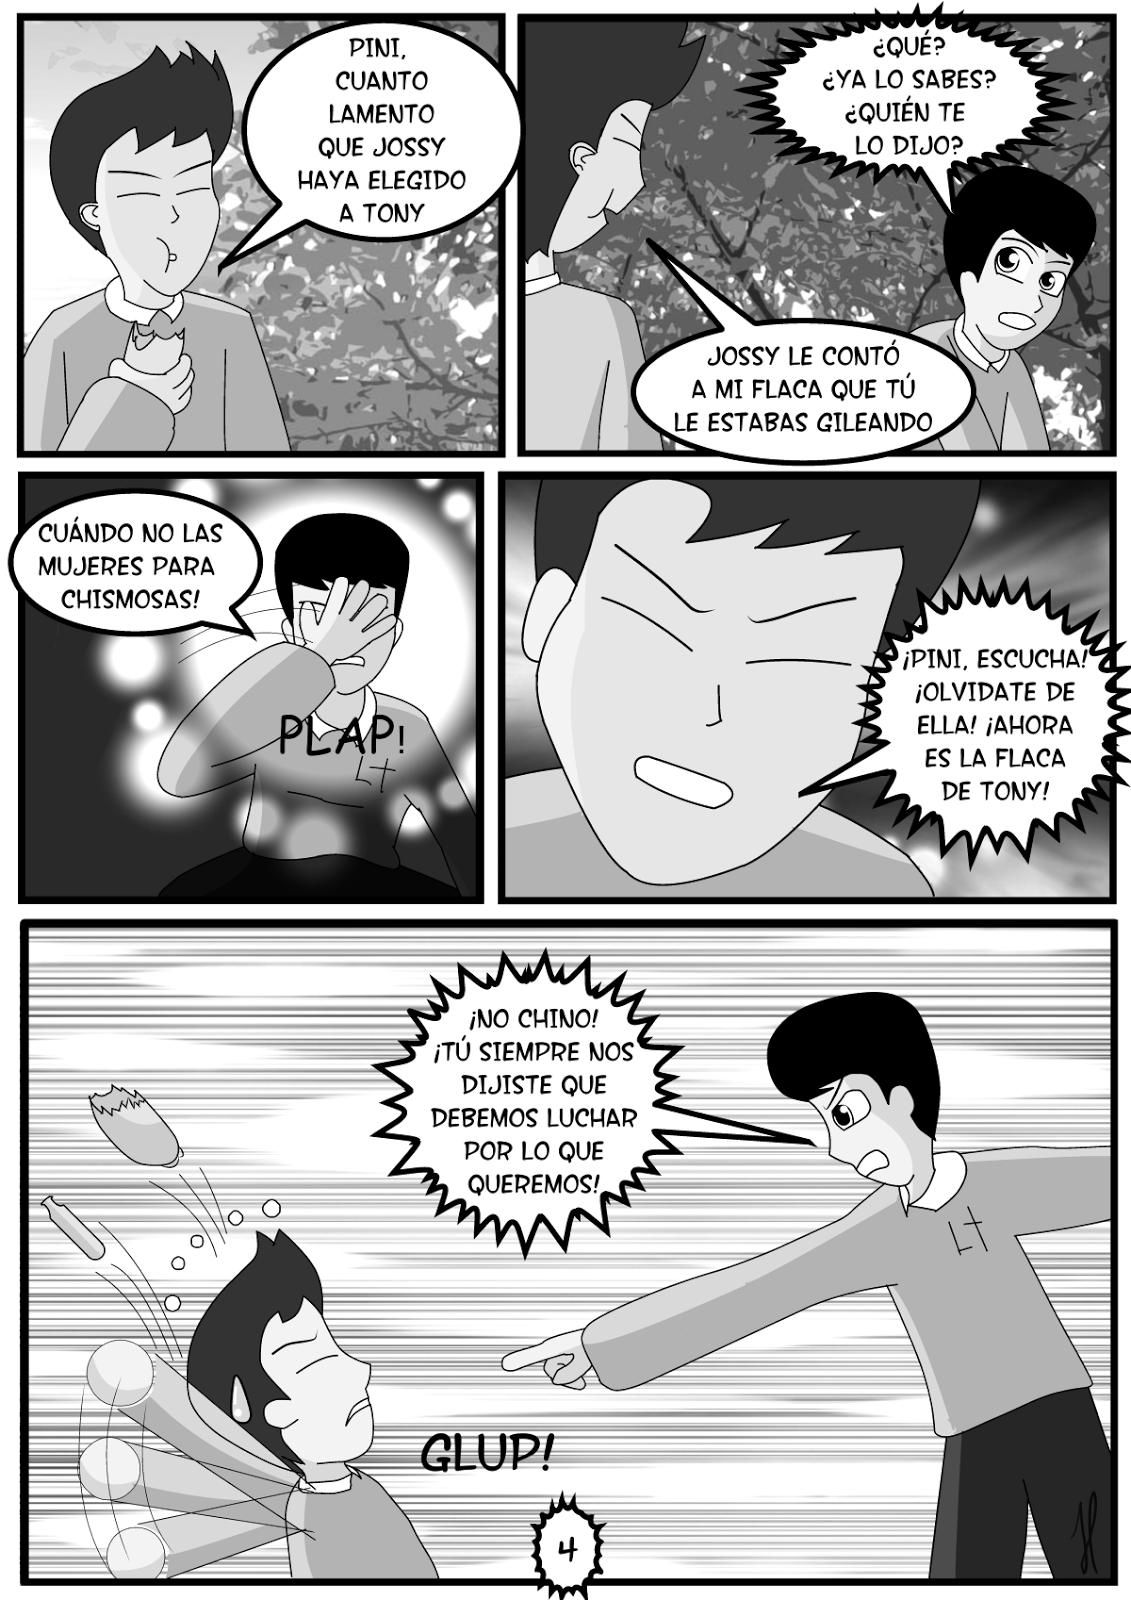 tony-sali-con-tu-mujer-pagina-4